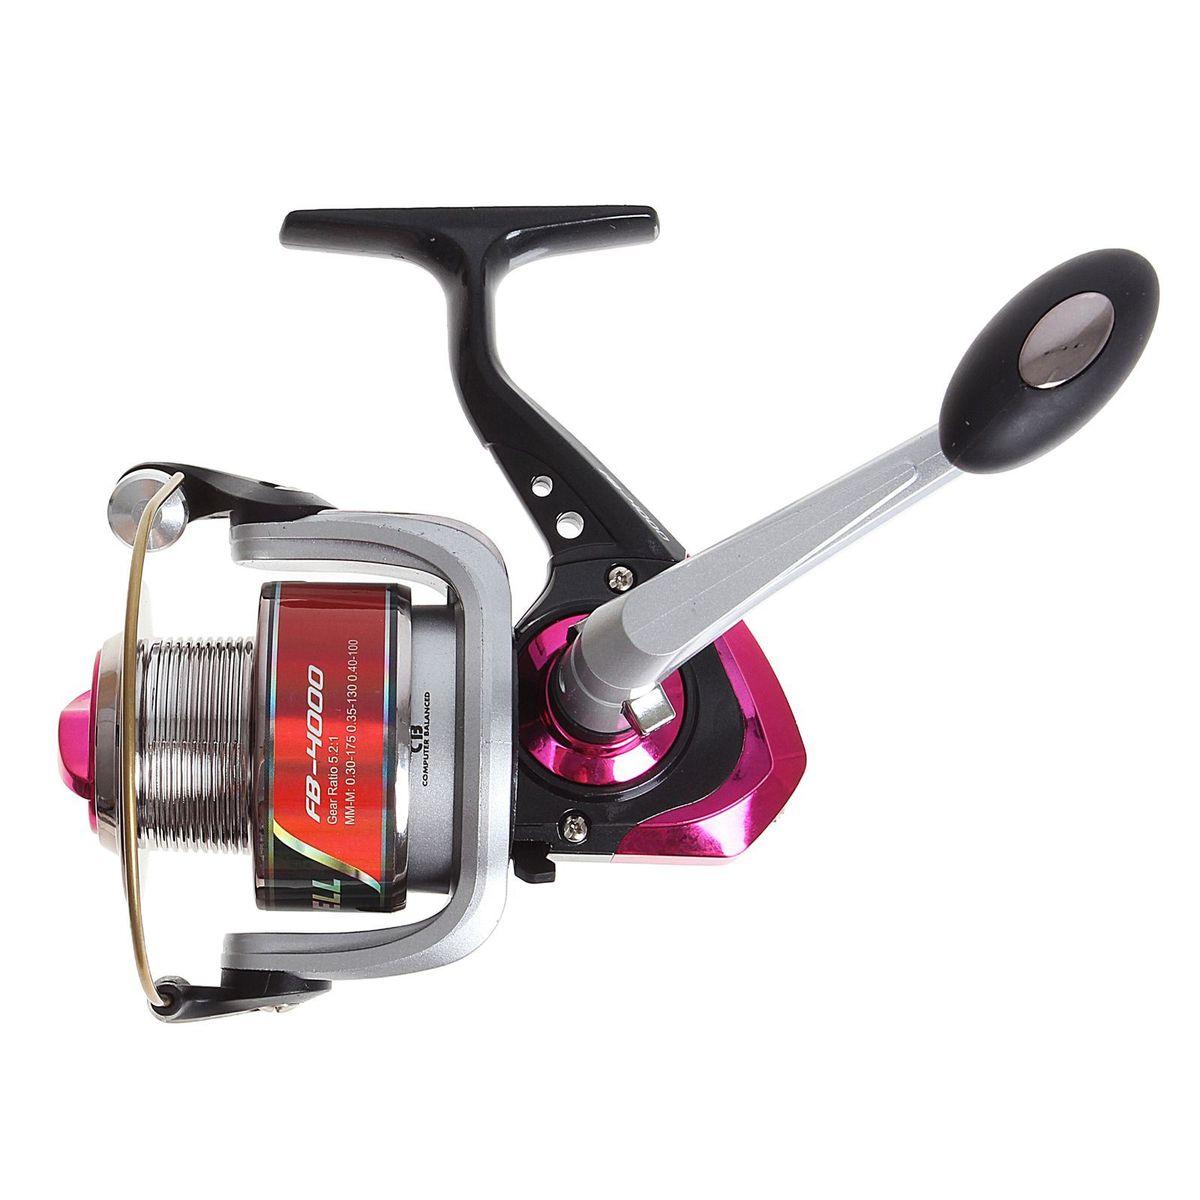 Катушка безынерционная Onlitop 1BB FB 4000, цвет: красный, 1 подшипник1233158Катушка 1BB FB 4000 это универсальная модель «эконом»-класса для разных условий рыбалки, отличный выбор для начинающих рыболовов.